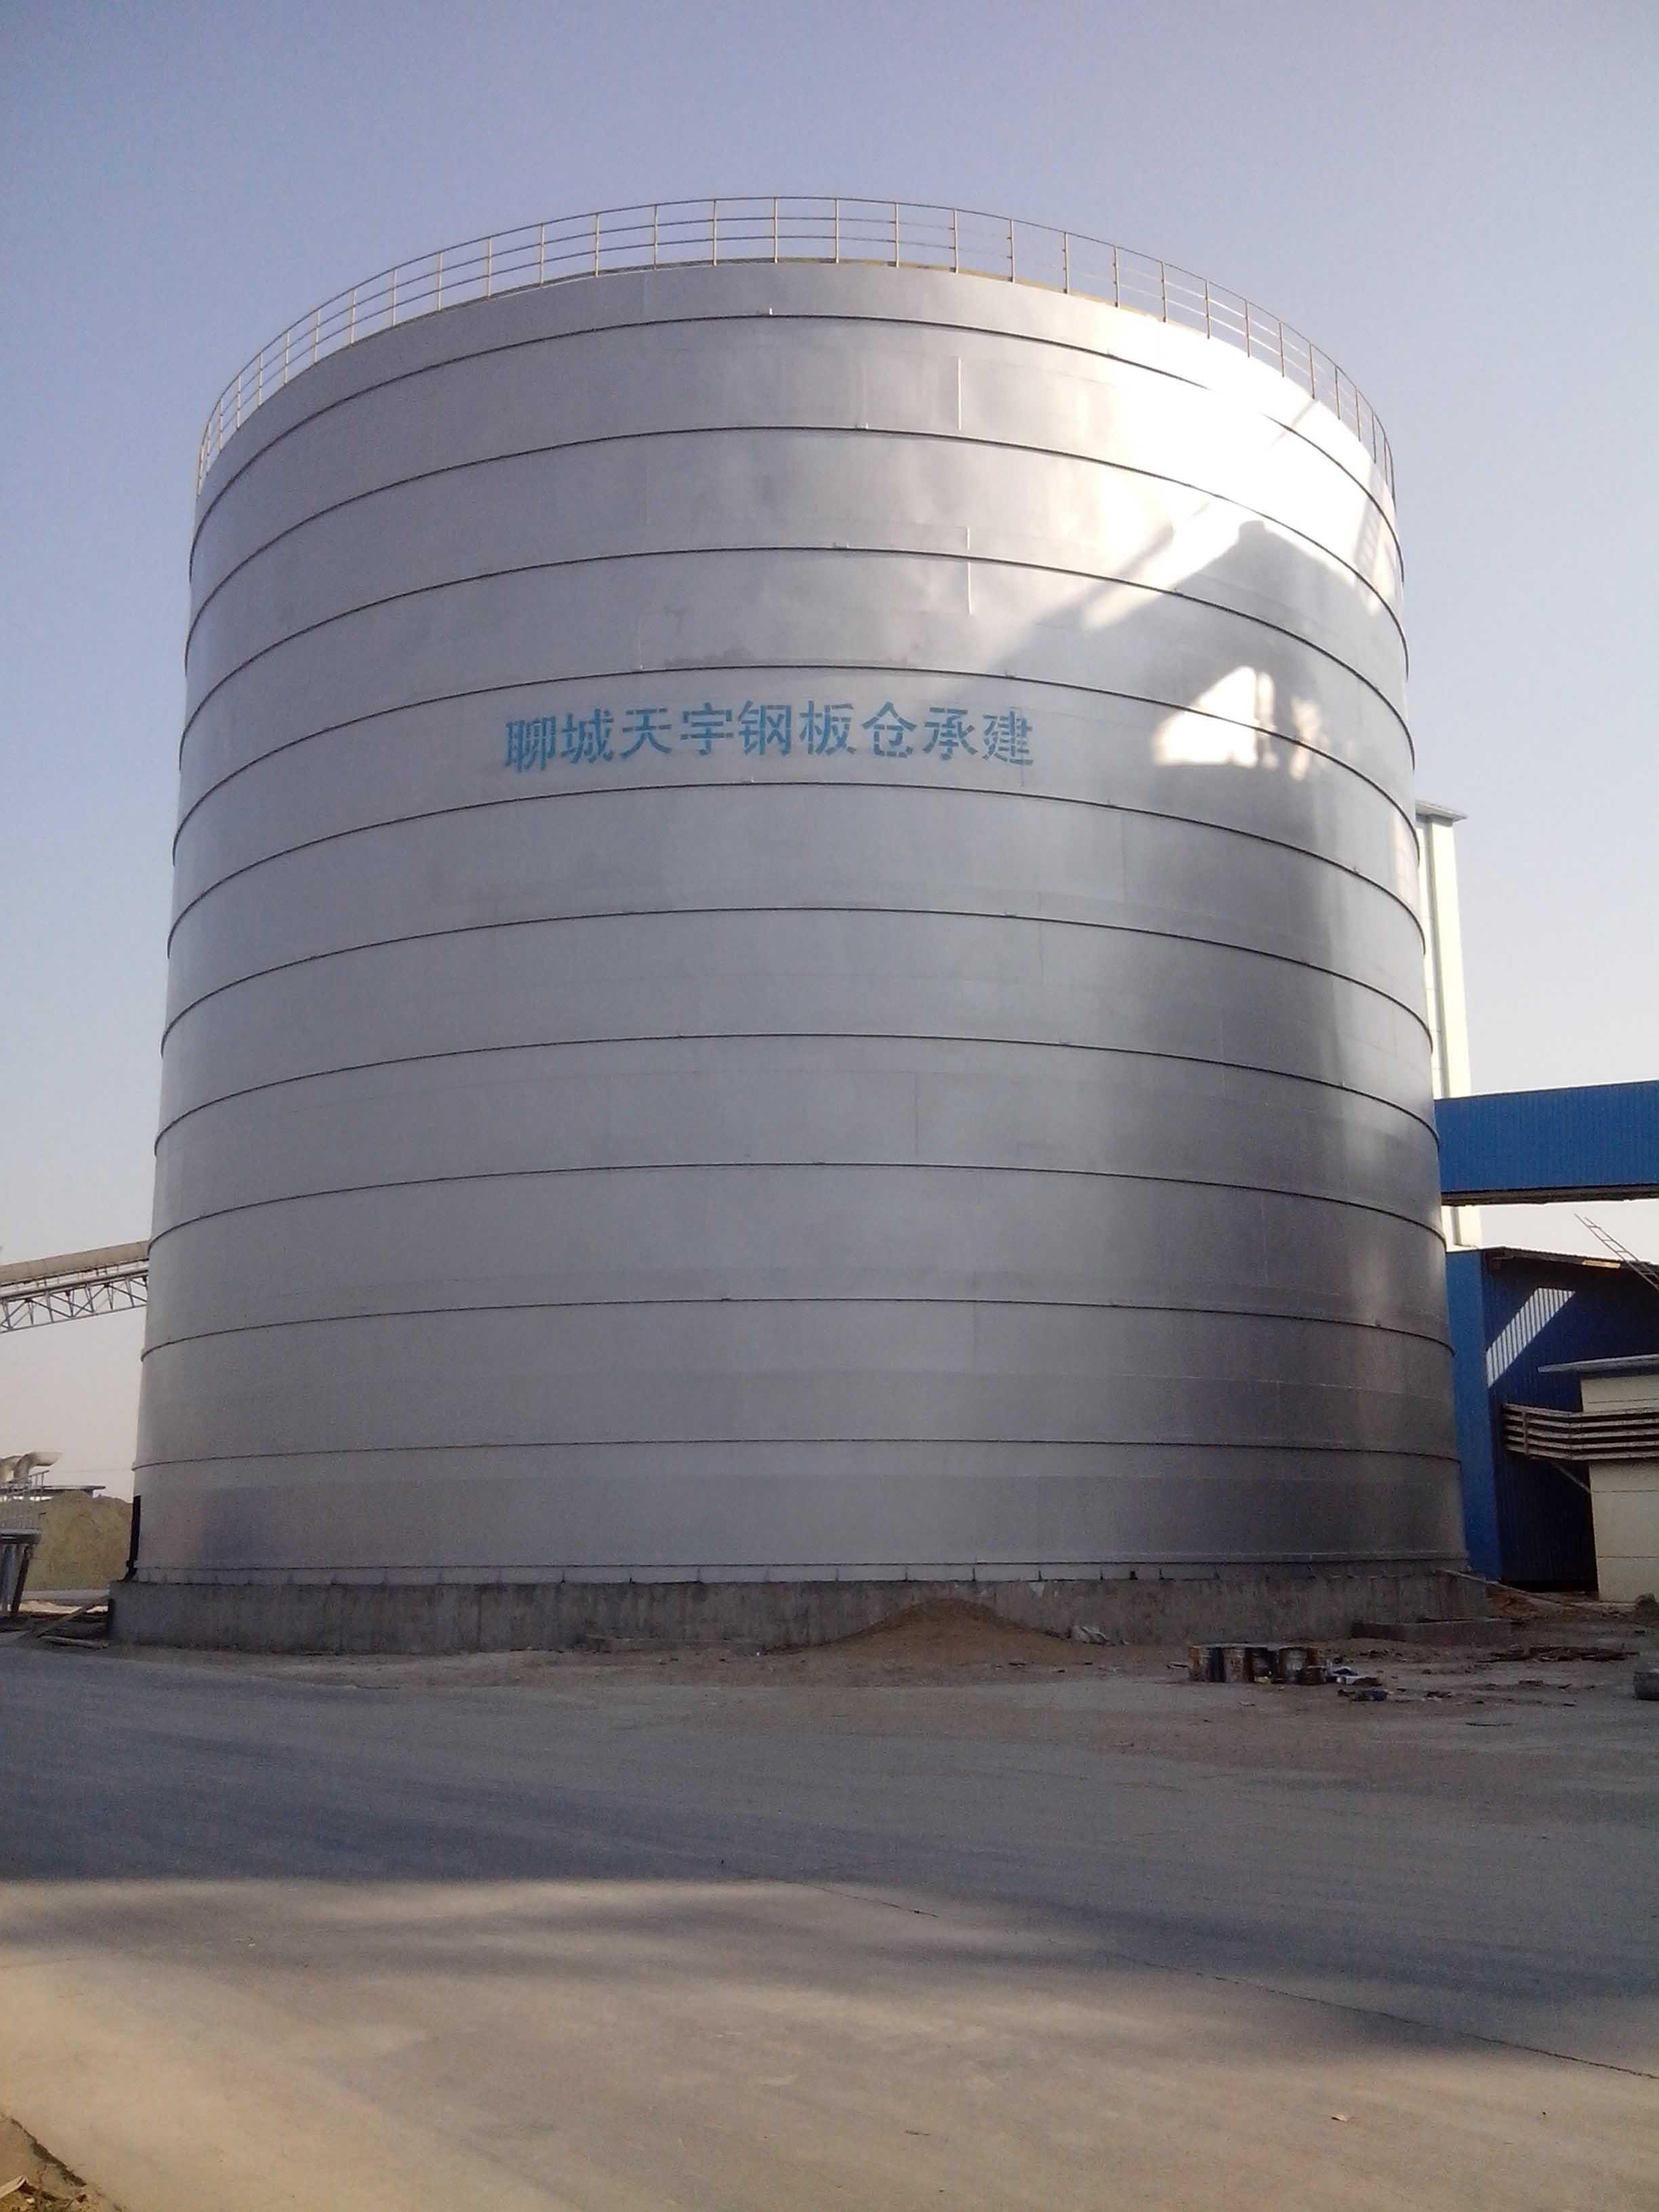 大型钢板库构造方式特点